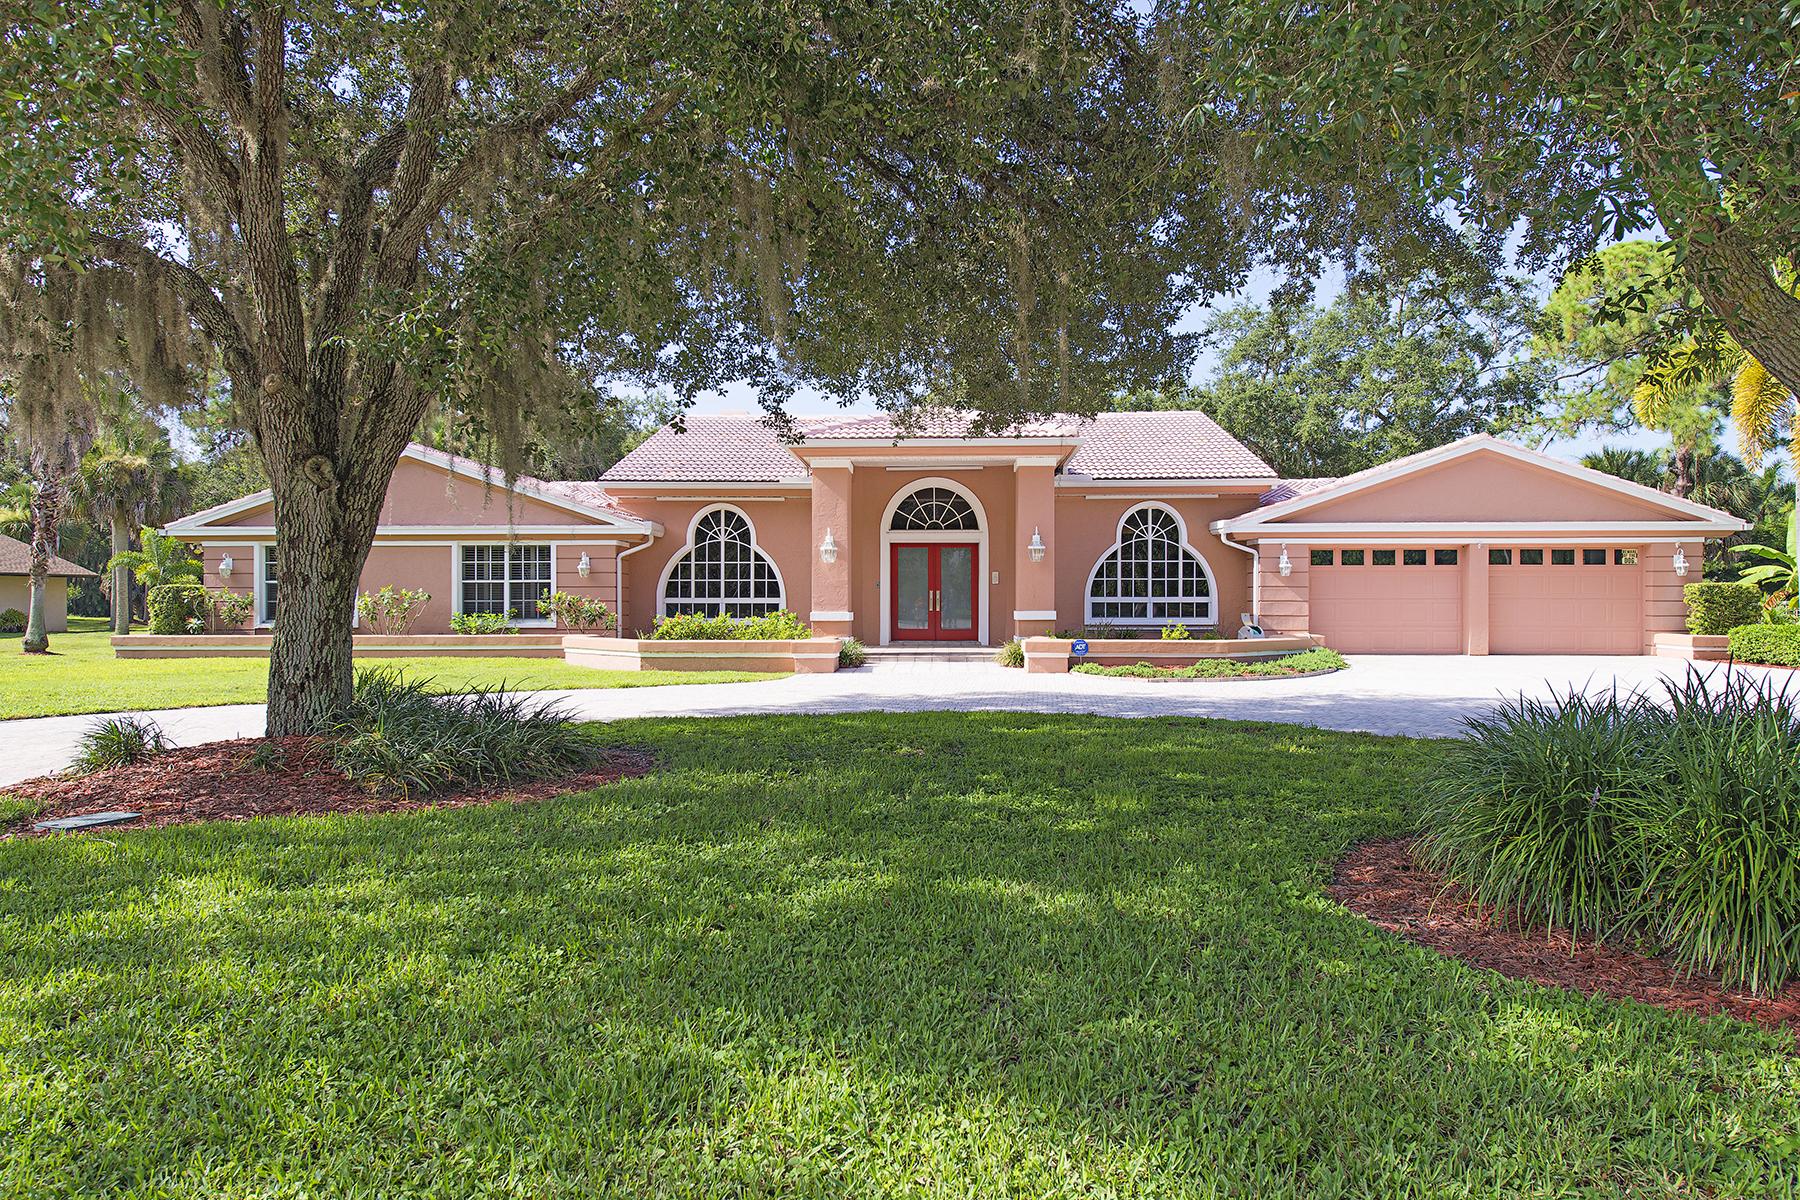 Maison unifamiliale pour l Vente à SUMMERWOOD 12687 Summerwood Dr Fort Myers, Florida 33908 États-Unis